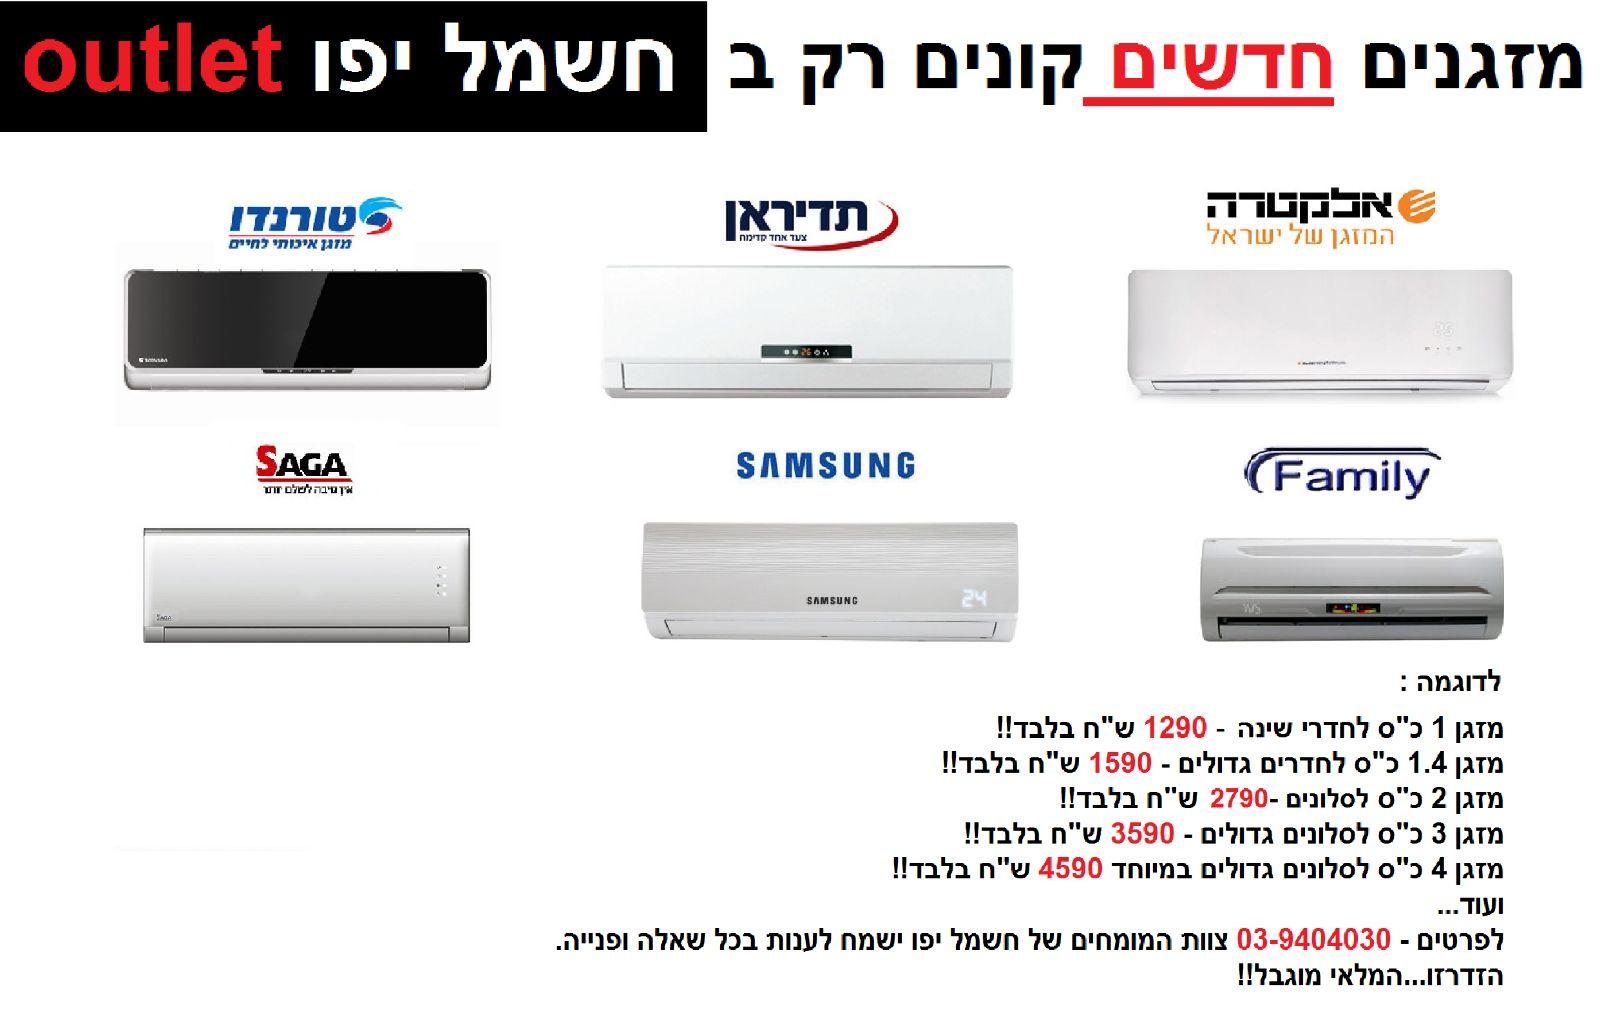 طالع الاسعار - حملة تخفيضات كبيرة في صالة كهرباء يافا Outlet